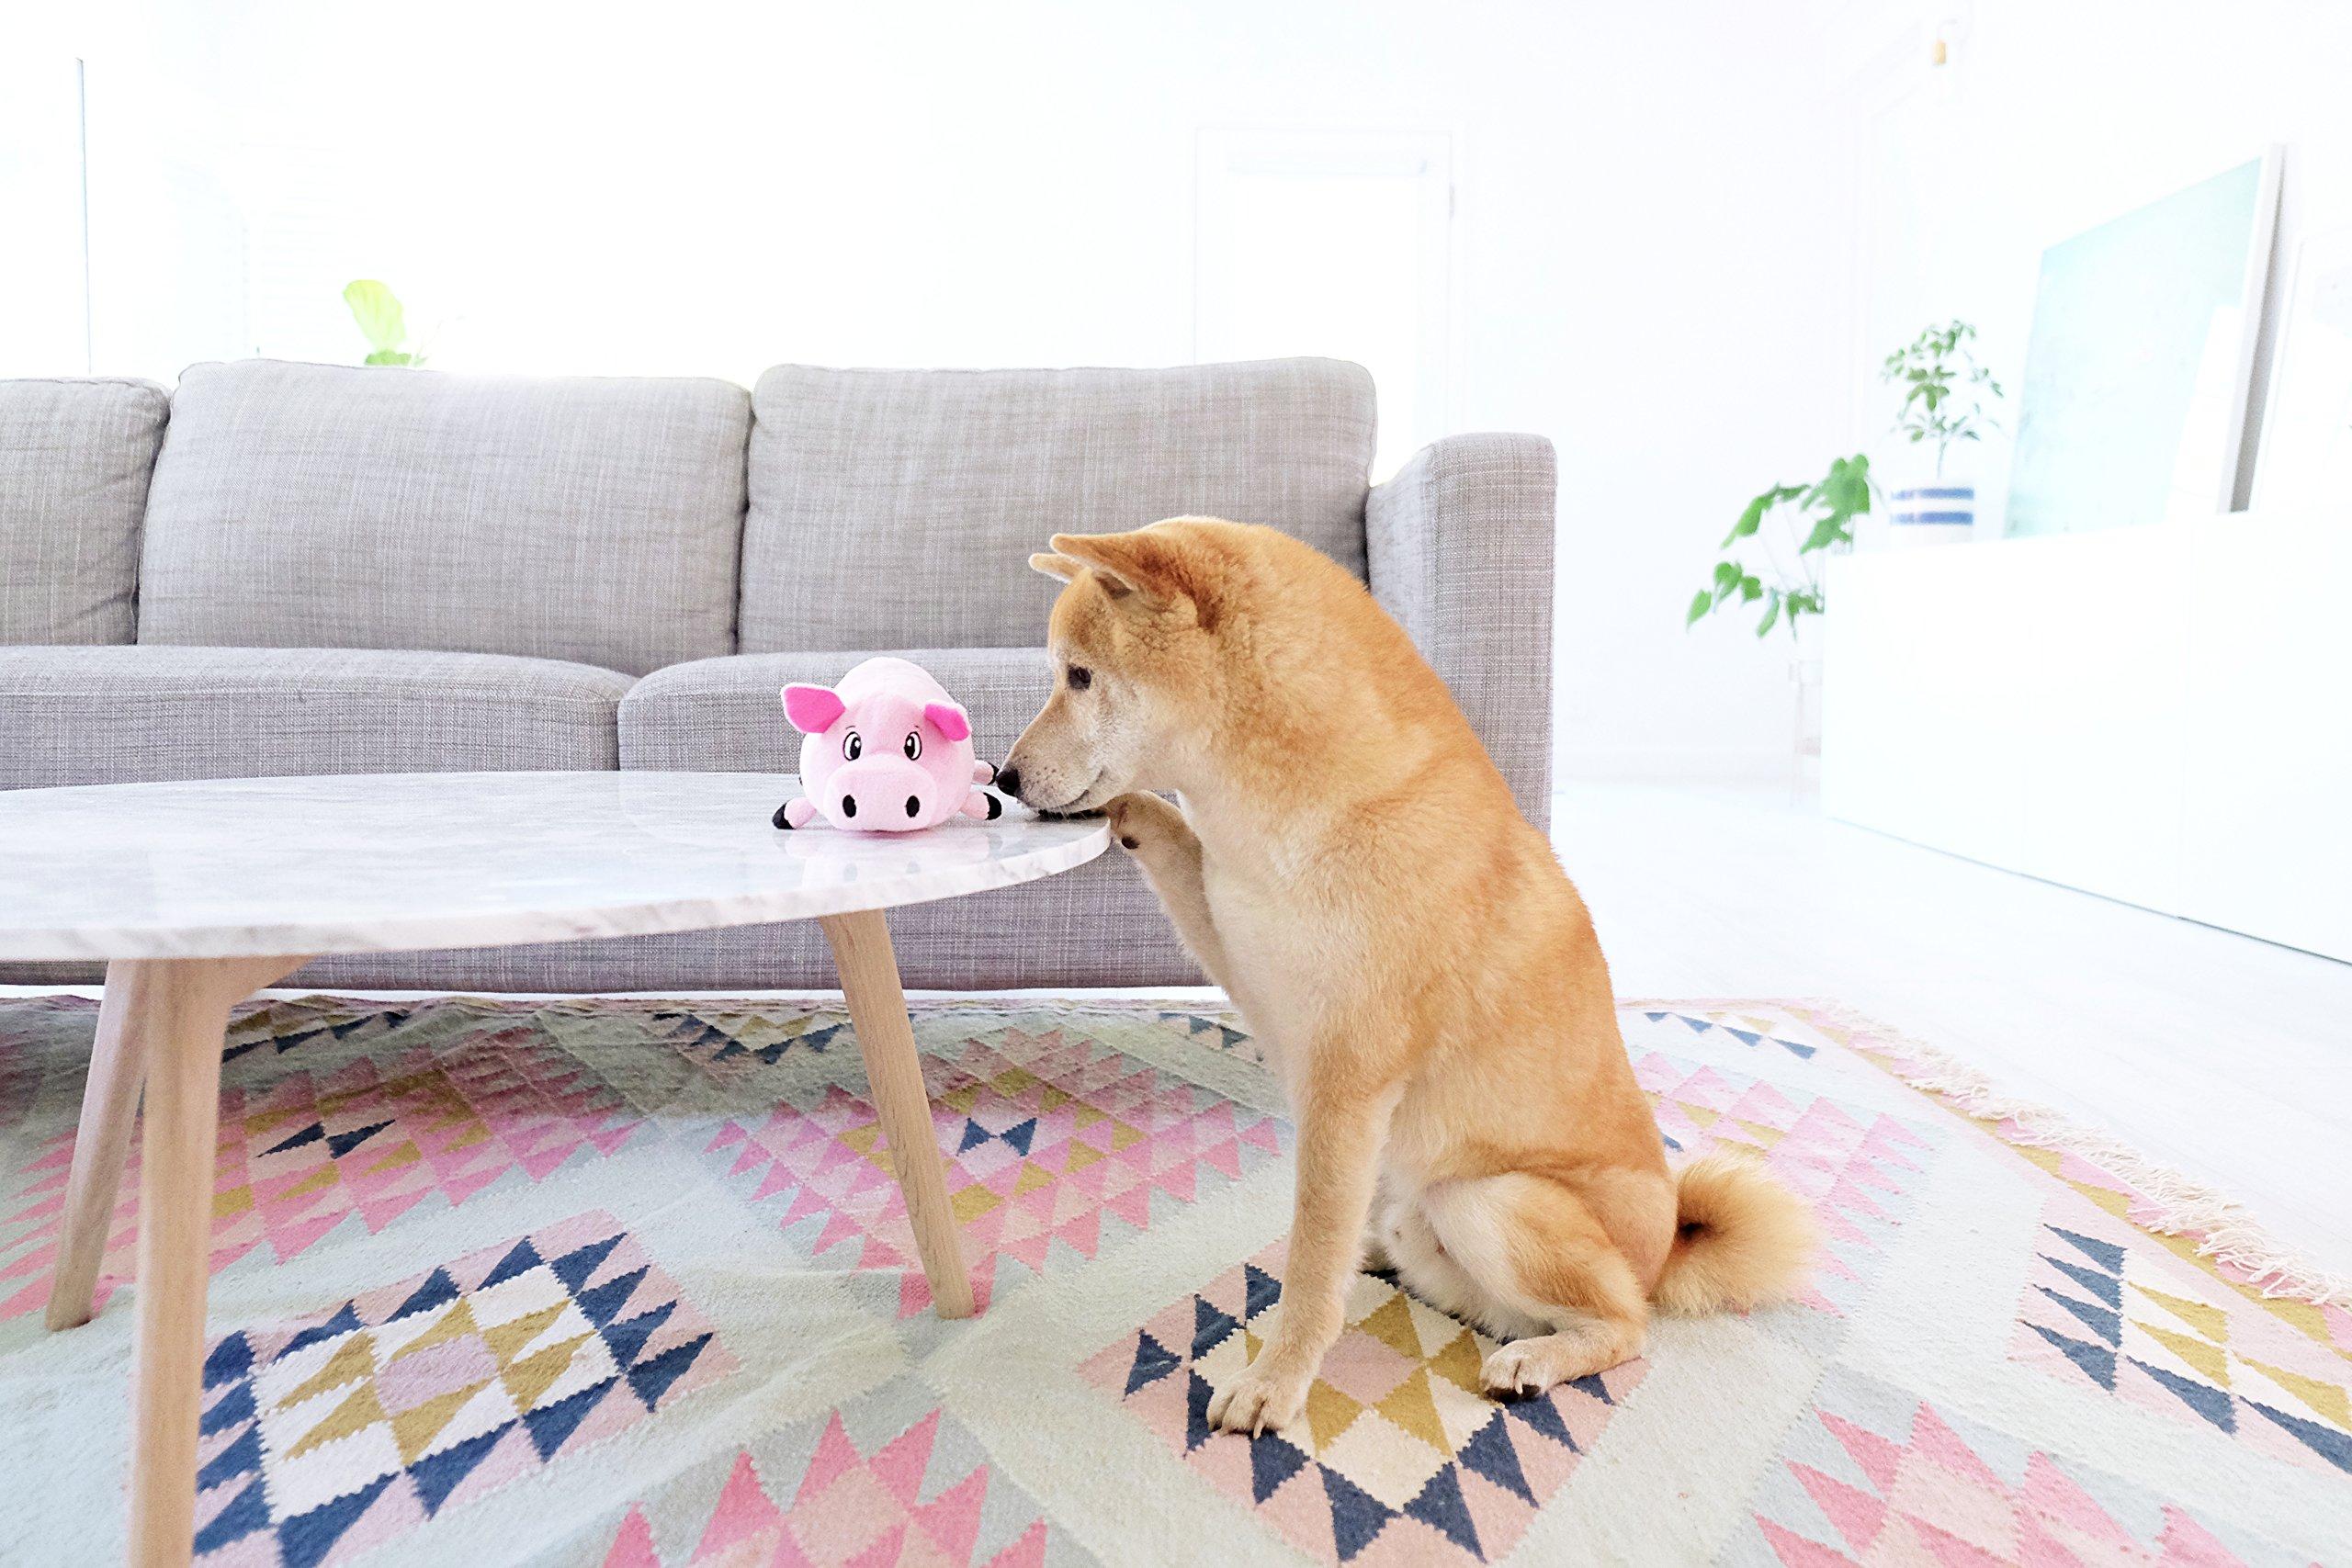 Fattiez-Round-Squeaky-Plush-Dog-Toy-by-Outward-Hound-Small-Pig